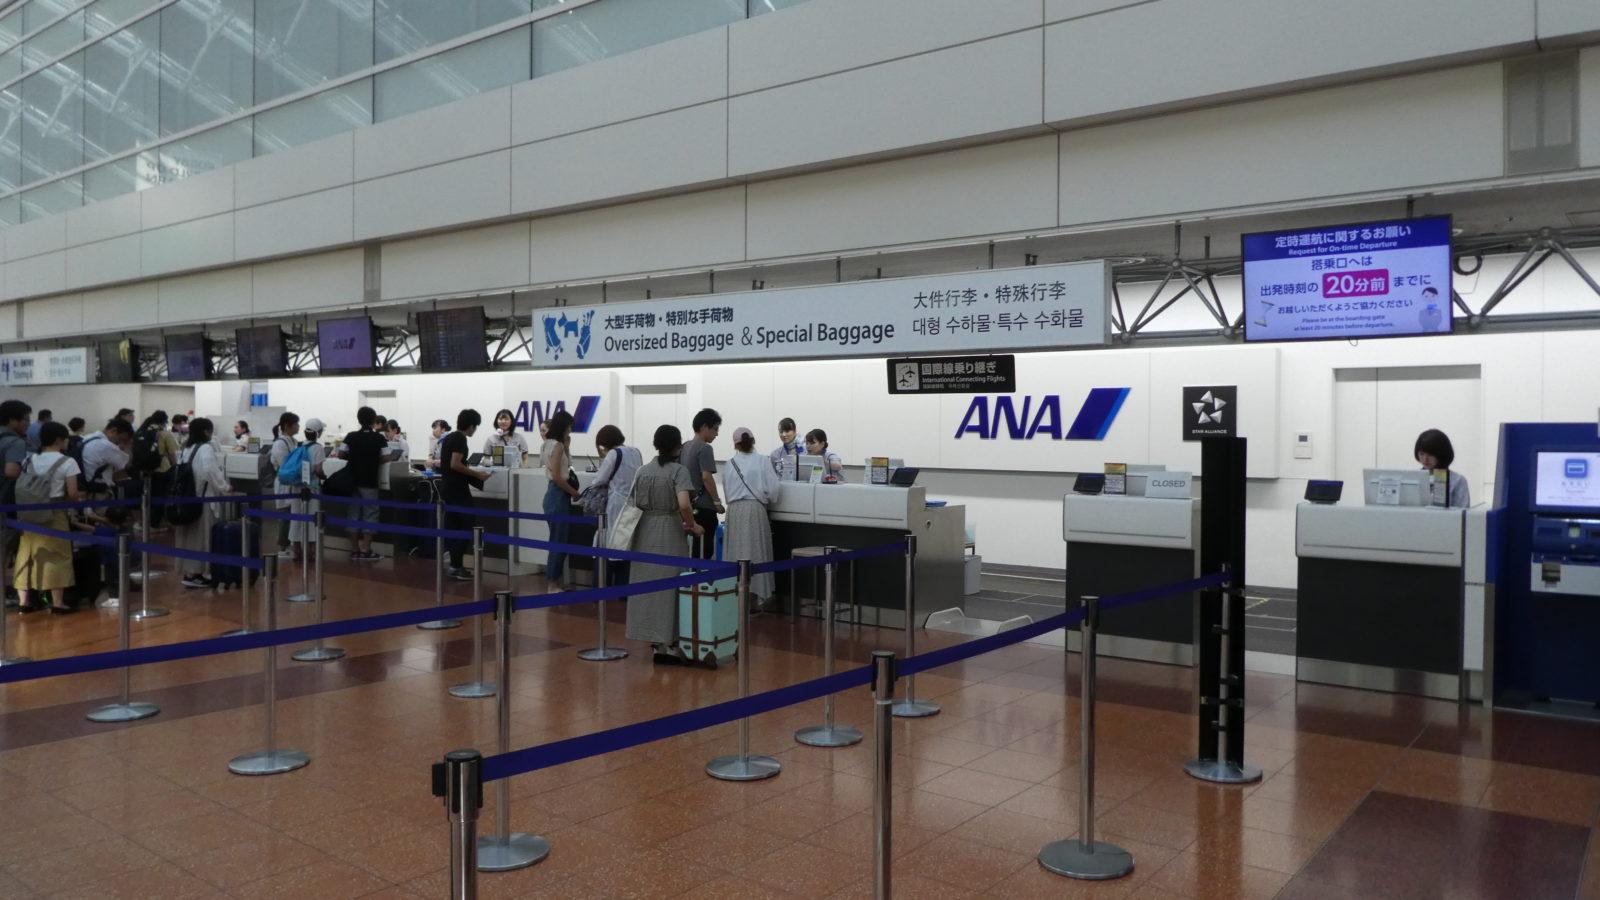 ANAチェックインカウンター 羽田空港